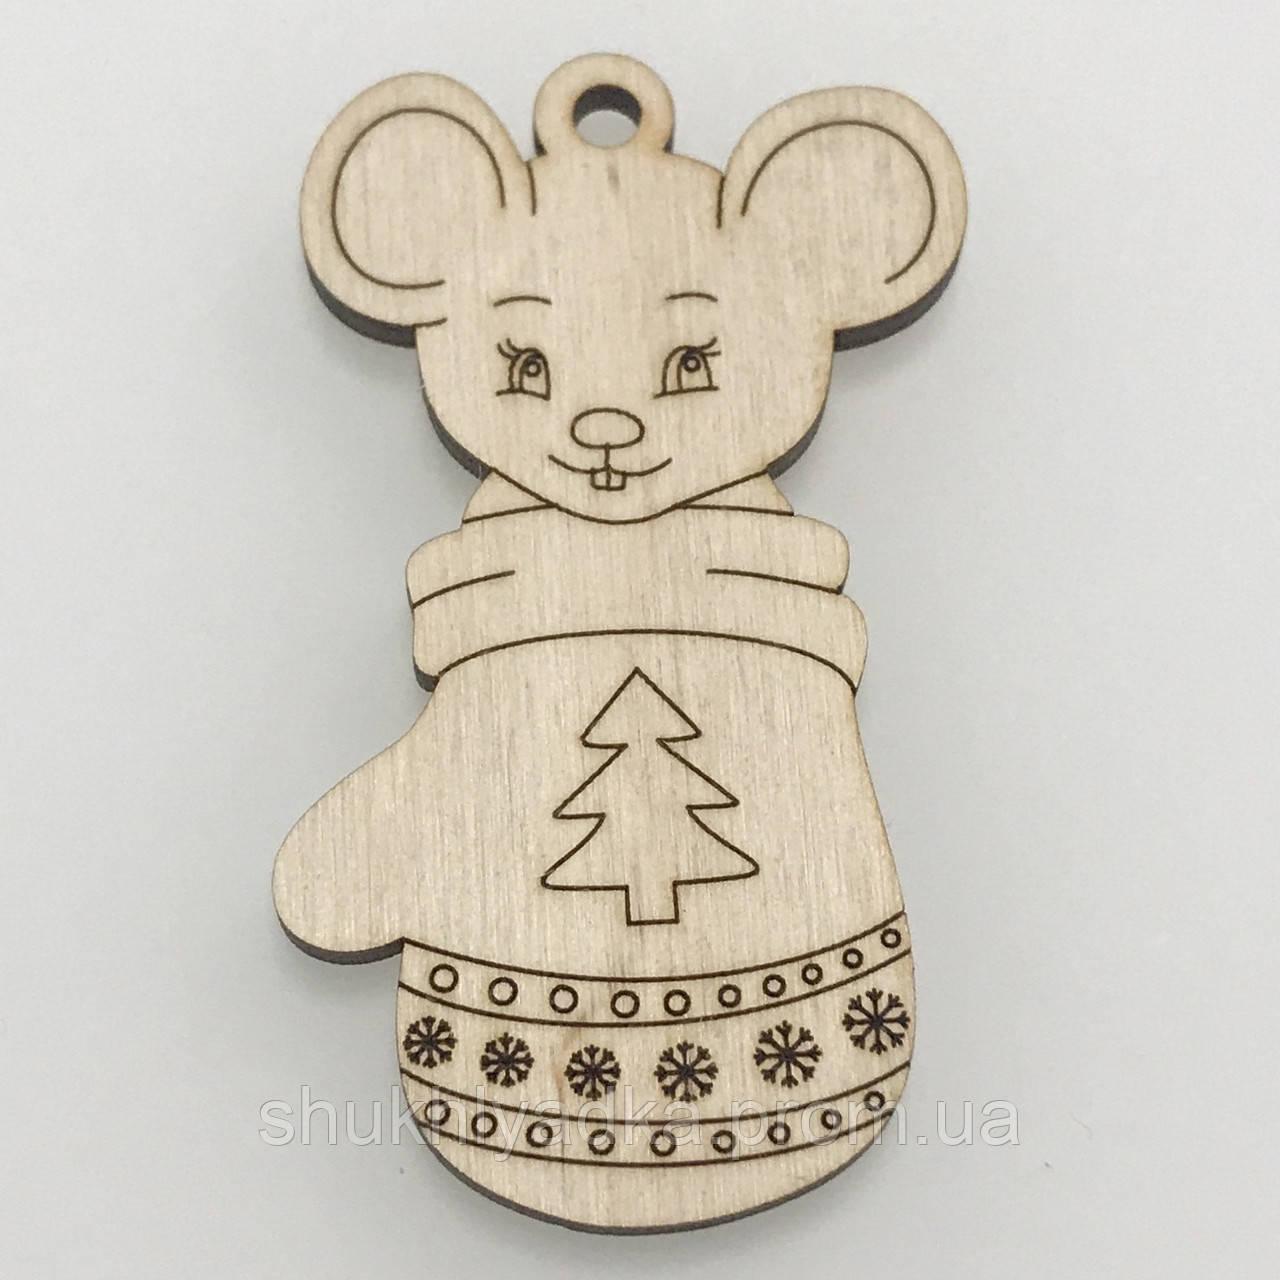 """Подвеска """"Мышонок в рукавичке""""_деревянный декор_Новый год"""